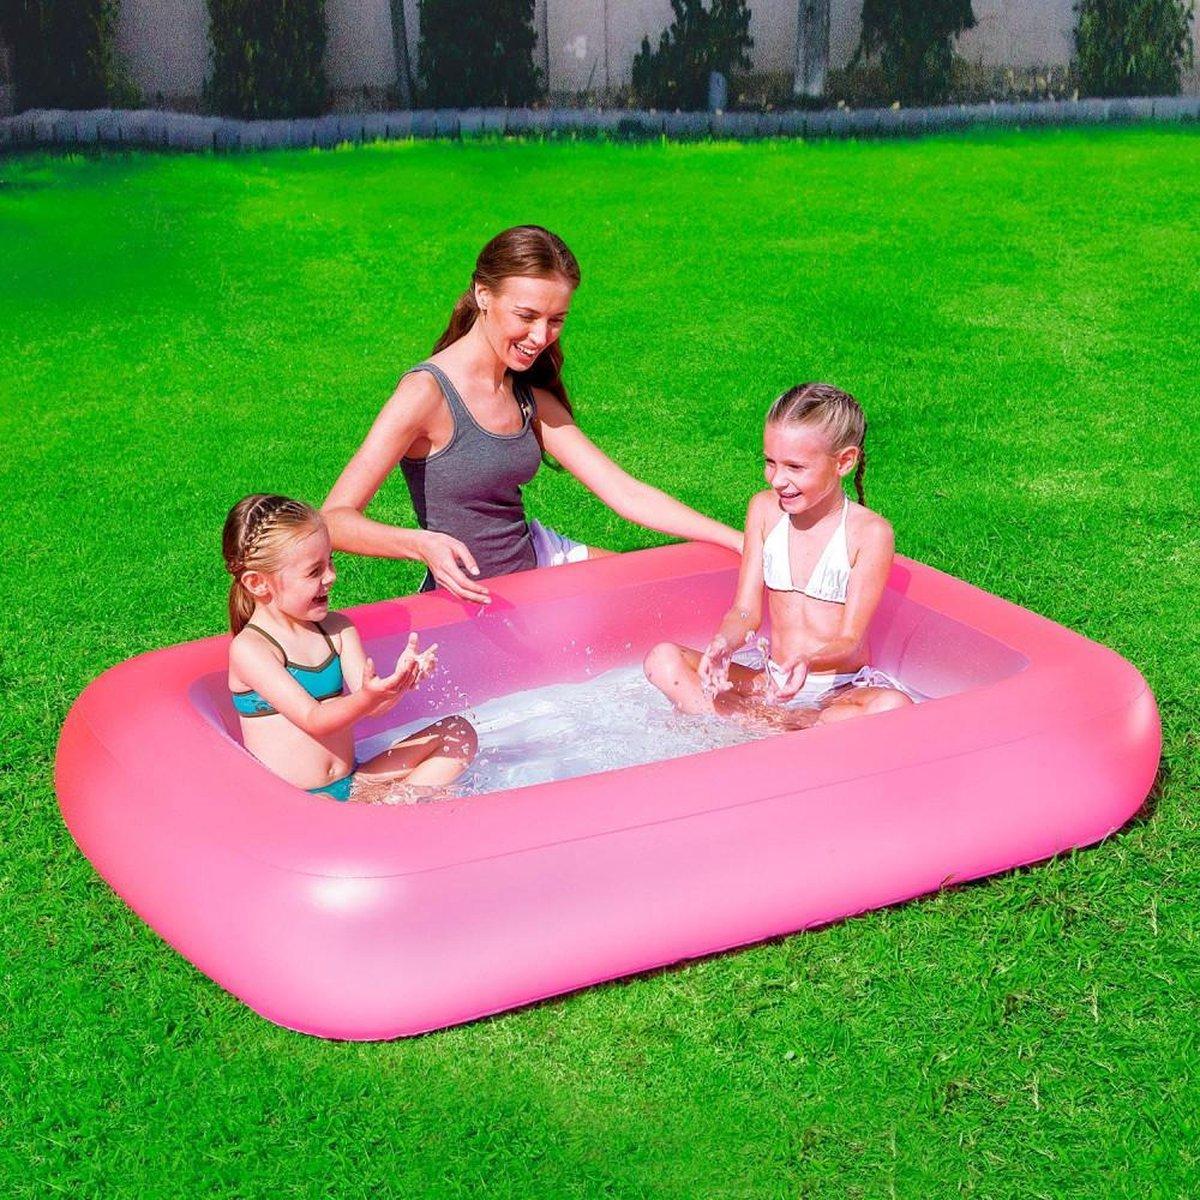 Opblaasbaar Kinder Zwembad Rechthoekig van Bestway - Peuter - Kinder - Baby - Zwembad - Kinderzwembad - Zwembadje - Speelzwembad - Buitenzwembad - Opblaas Zwembad - Roze - Rechthoek - 165 cm x 25 cm -102 Liter